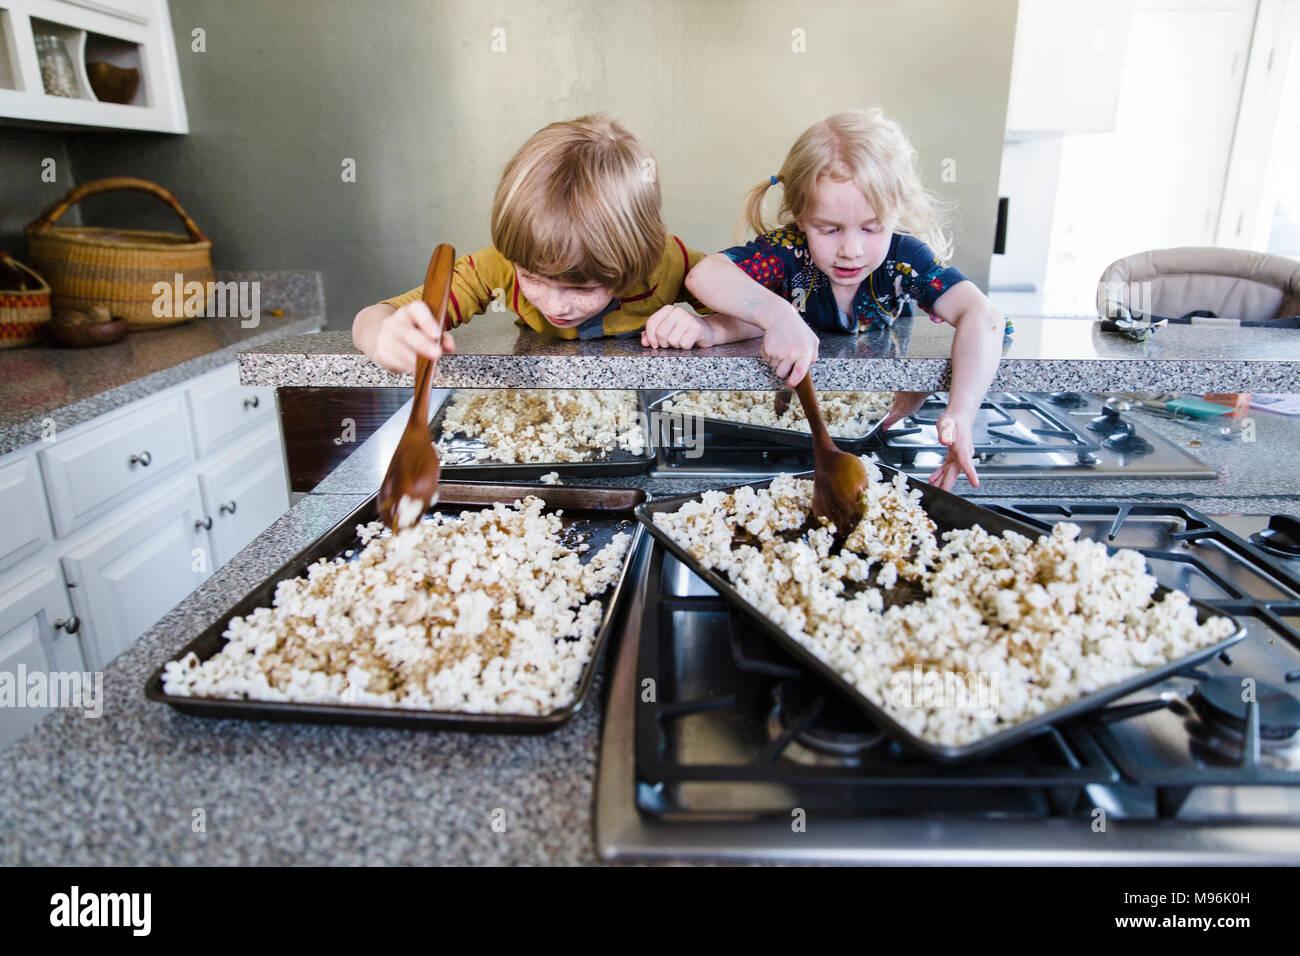 Les enfants ramasser des pop-corn à partir du bac Photo Stock